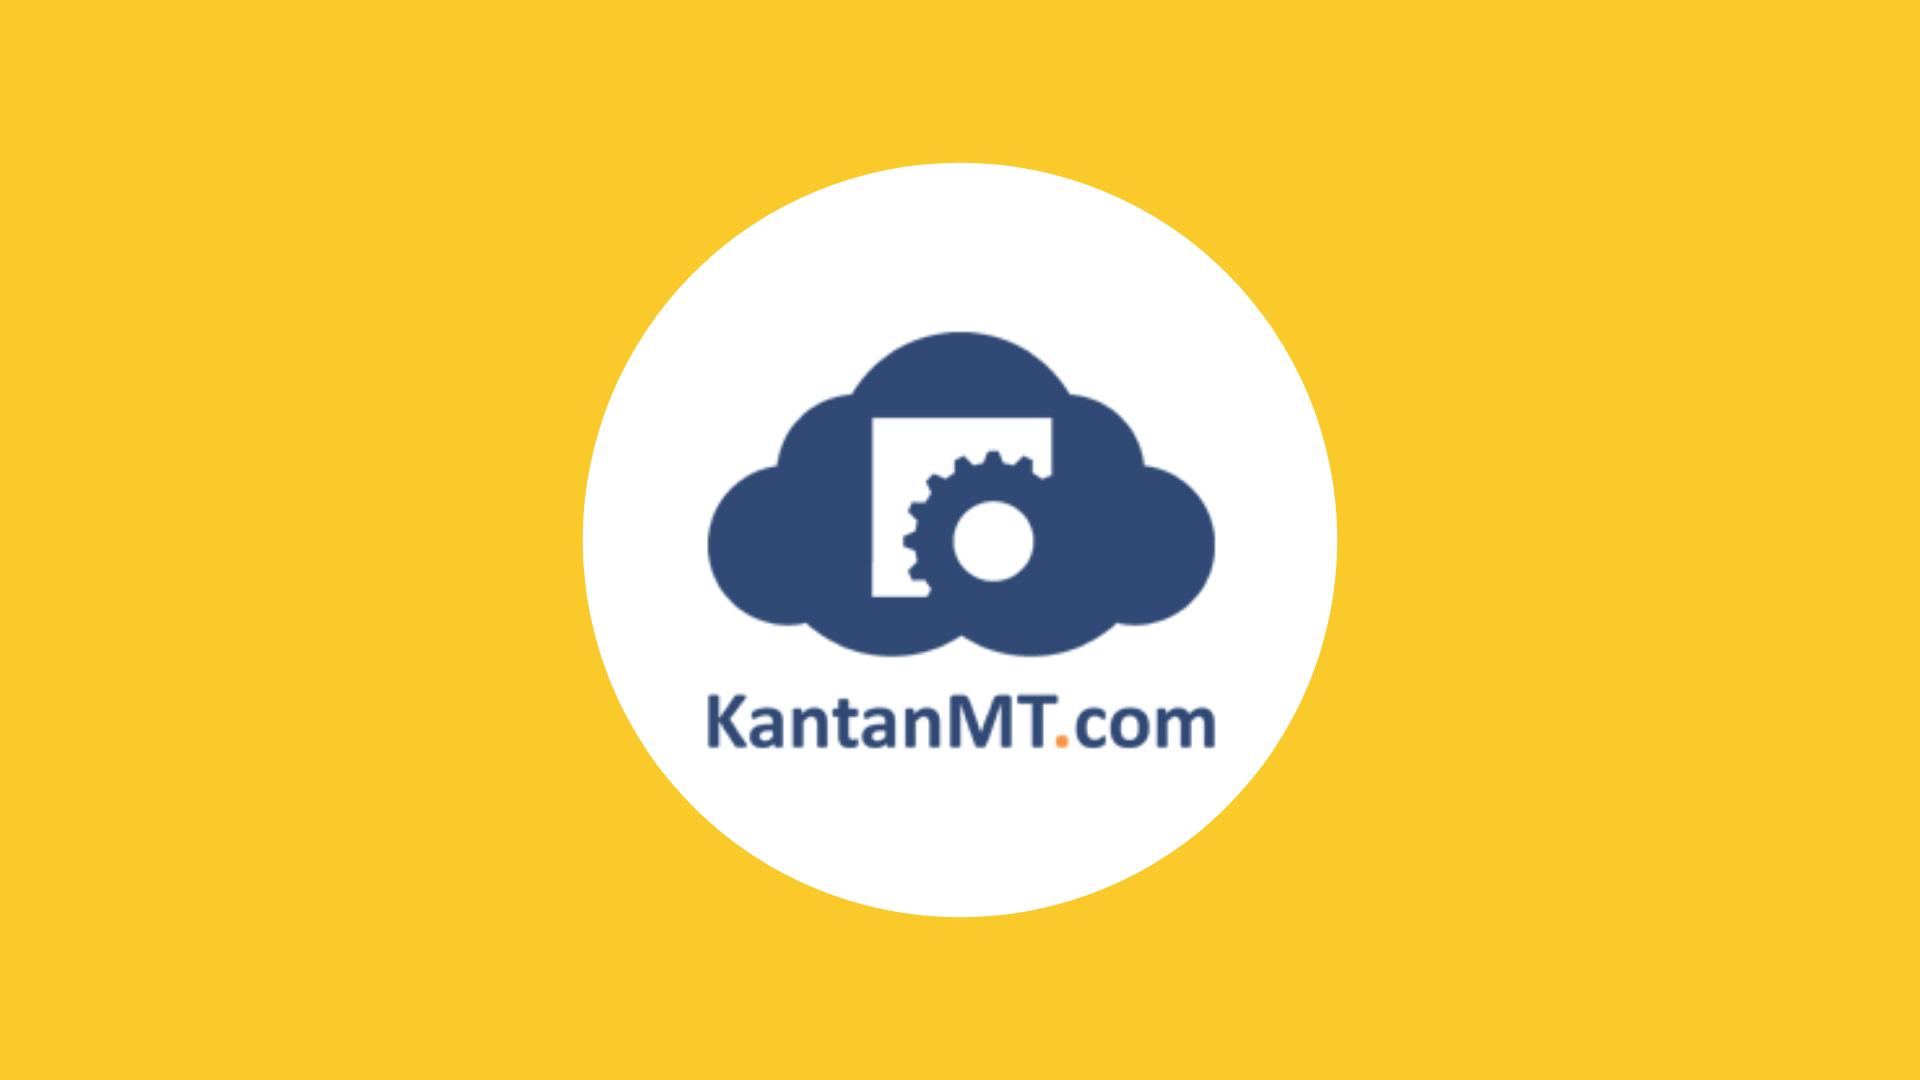 kantanMT_transifex